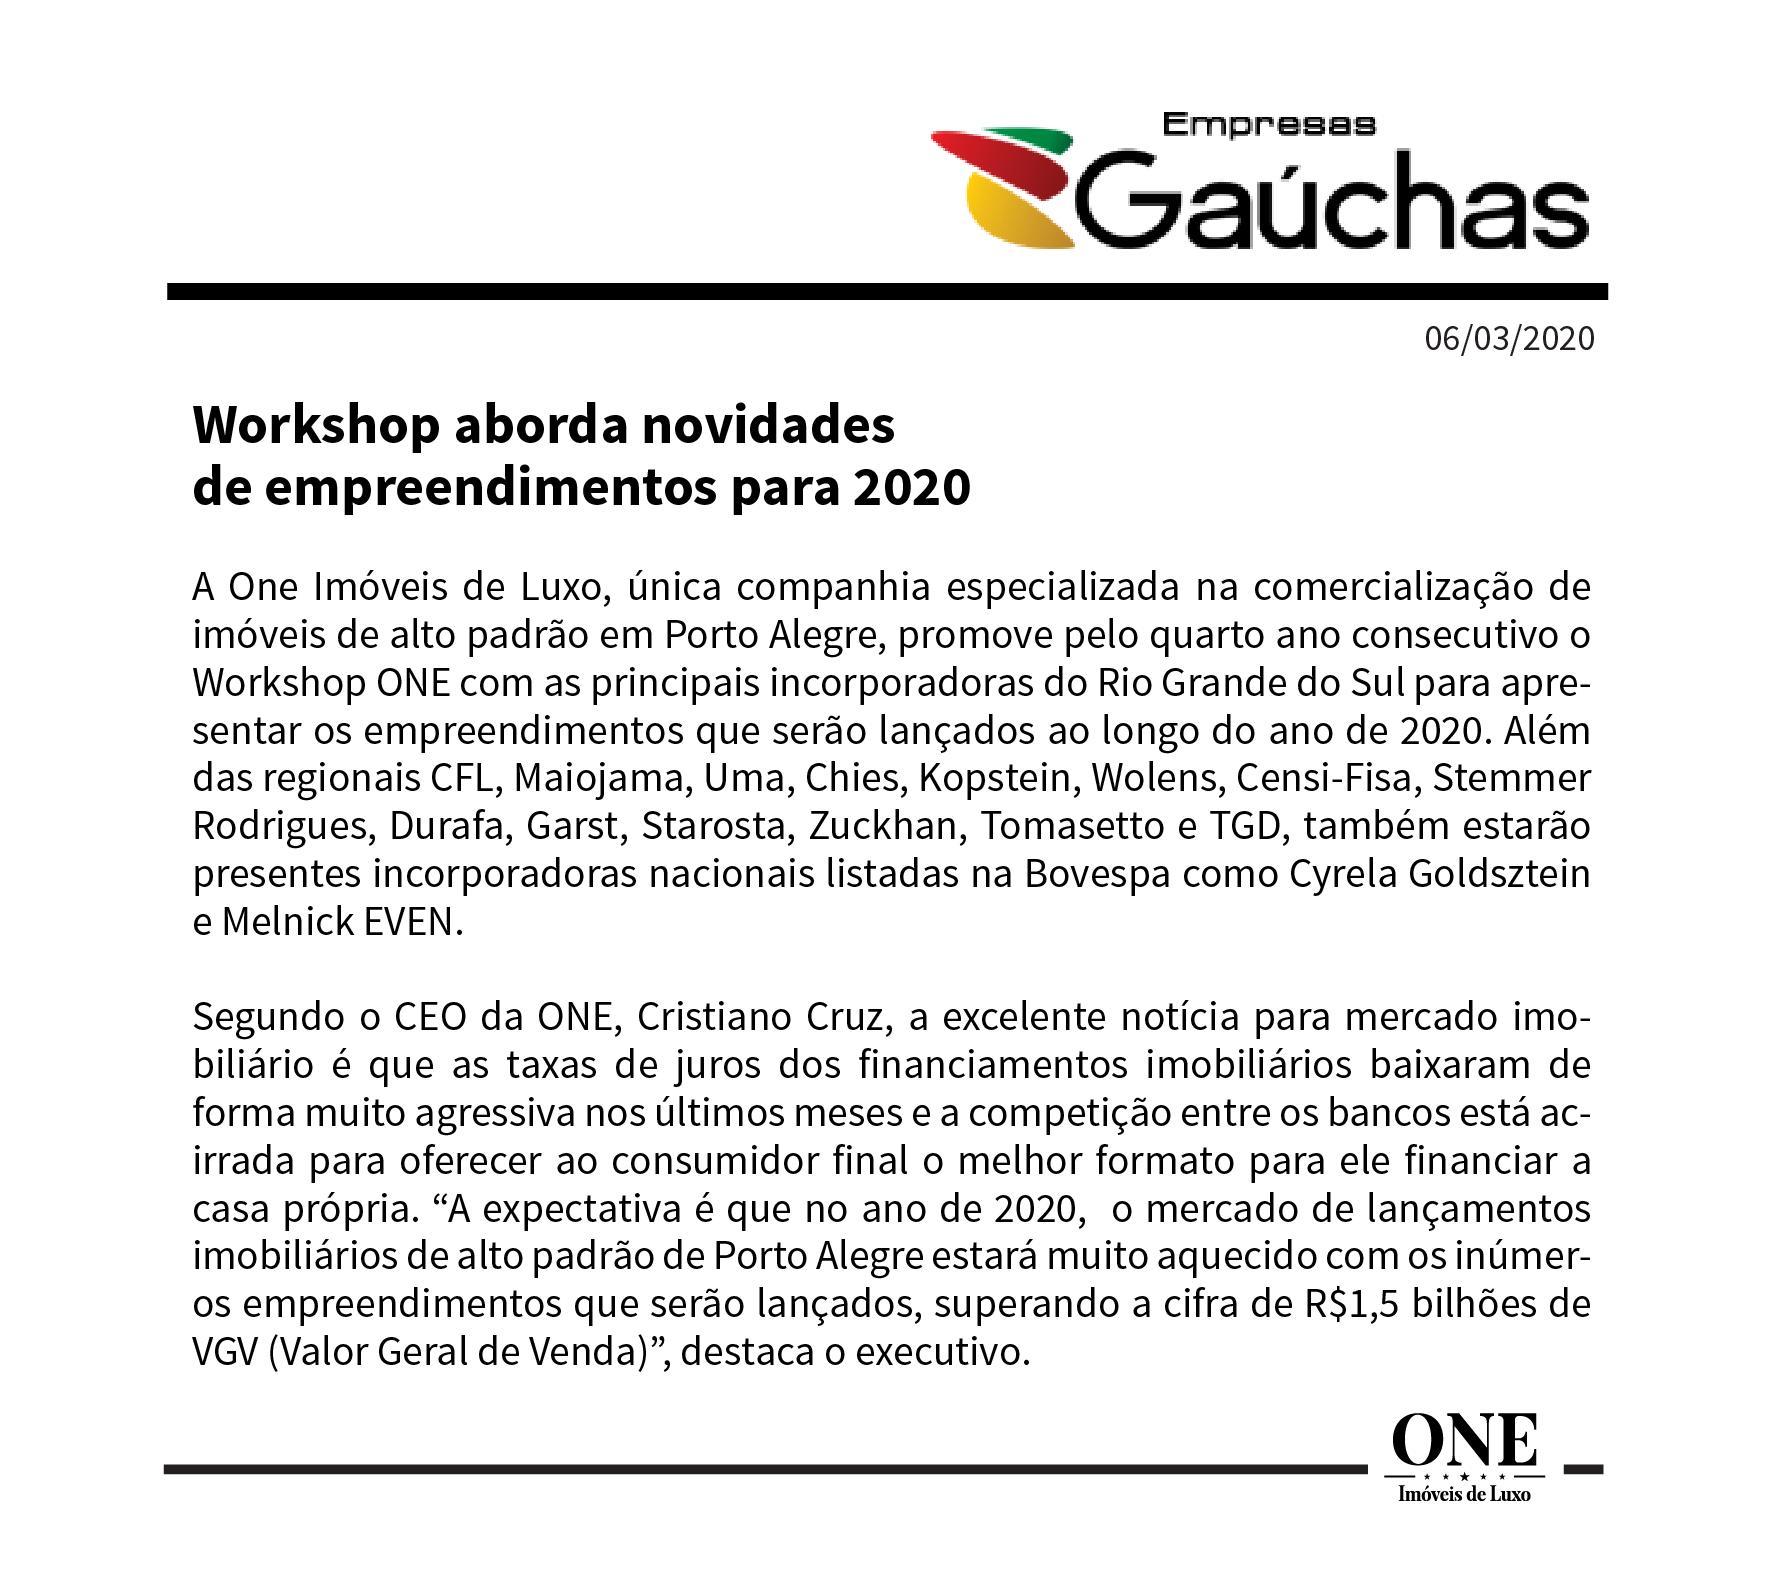 Workshop aborda novidades de empreendimentos para 2020